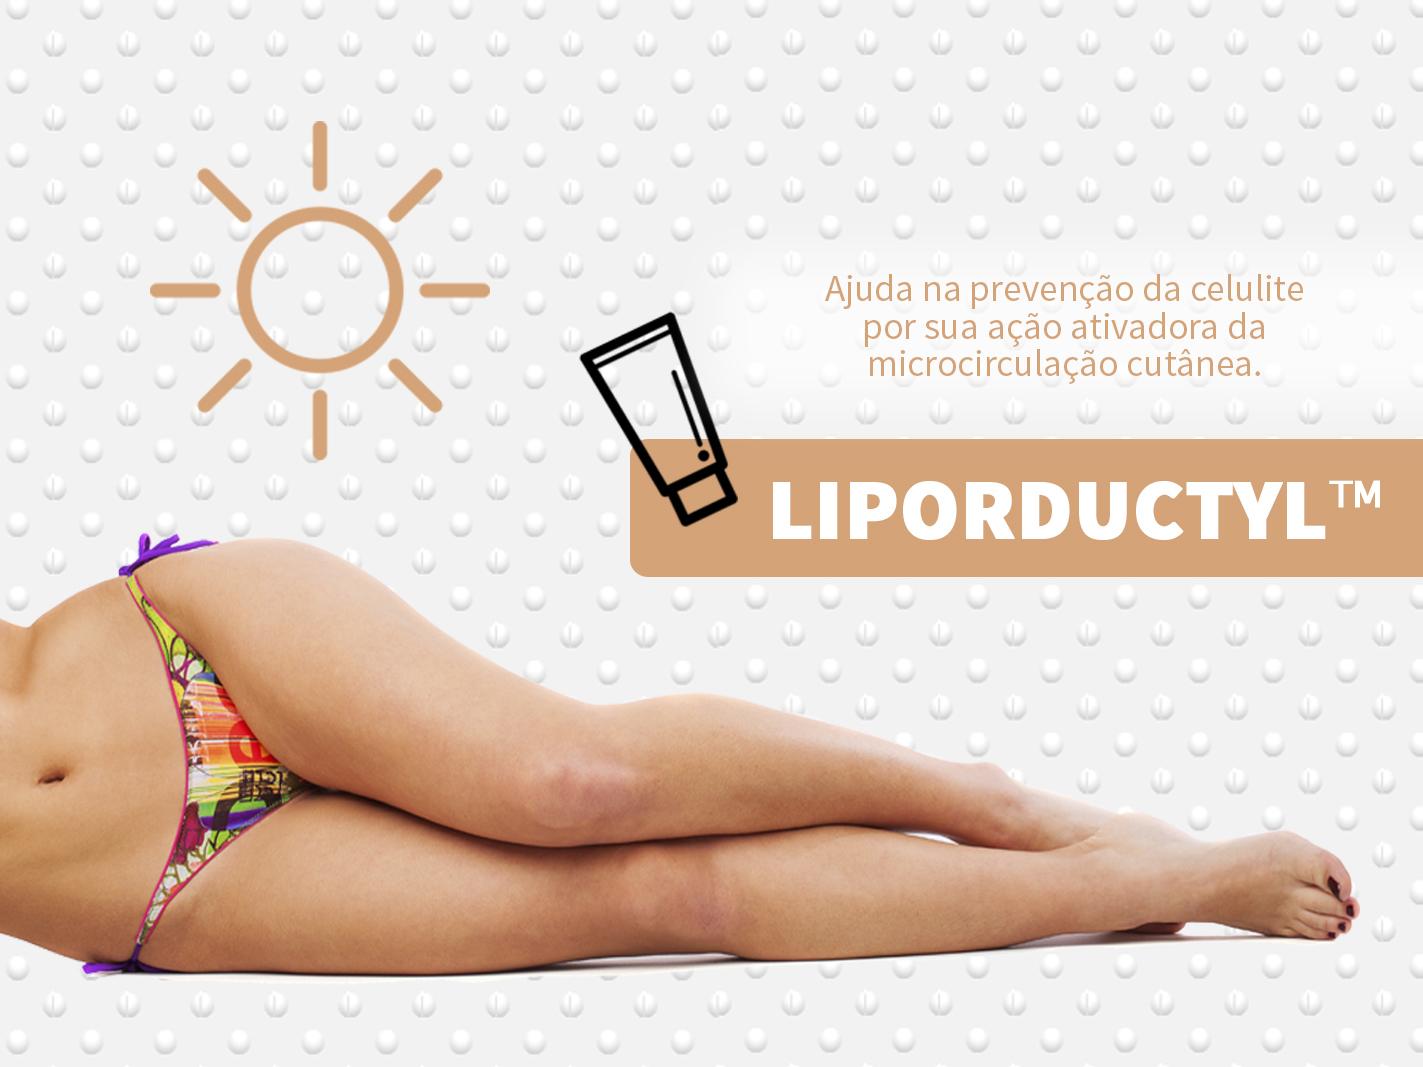 Liporeductyl éum ativo lipossomado com ações combinadas e sinérgicas para combater a celulite